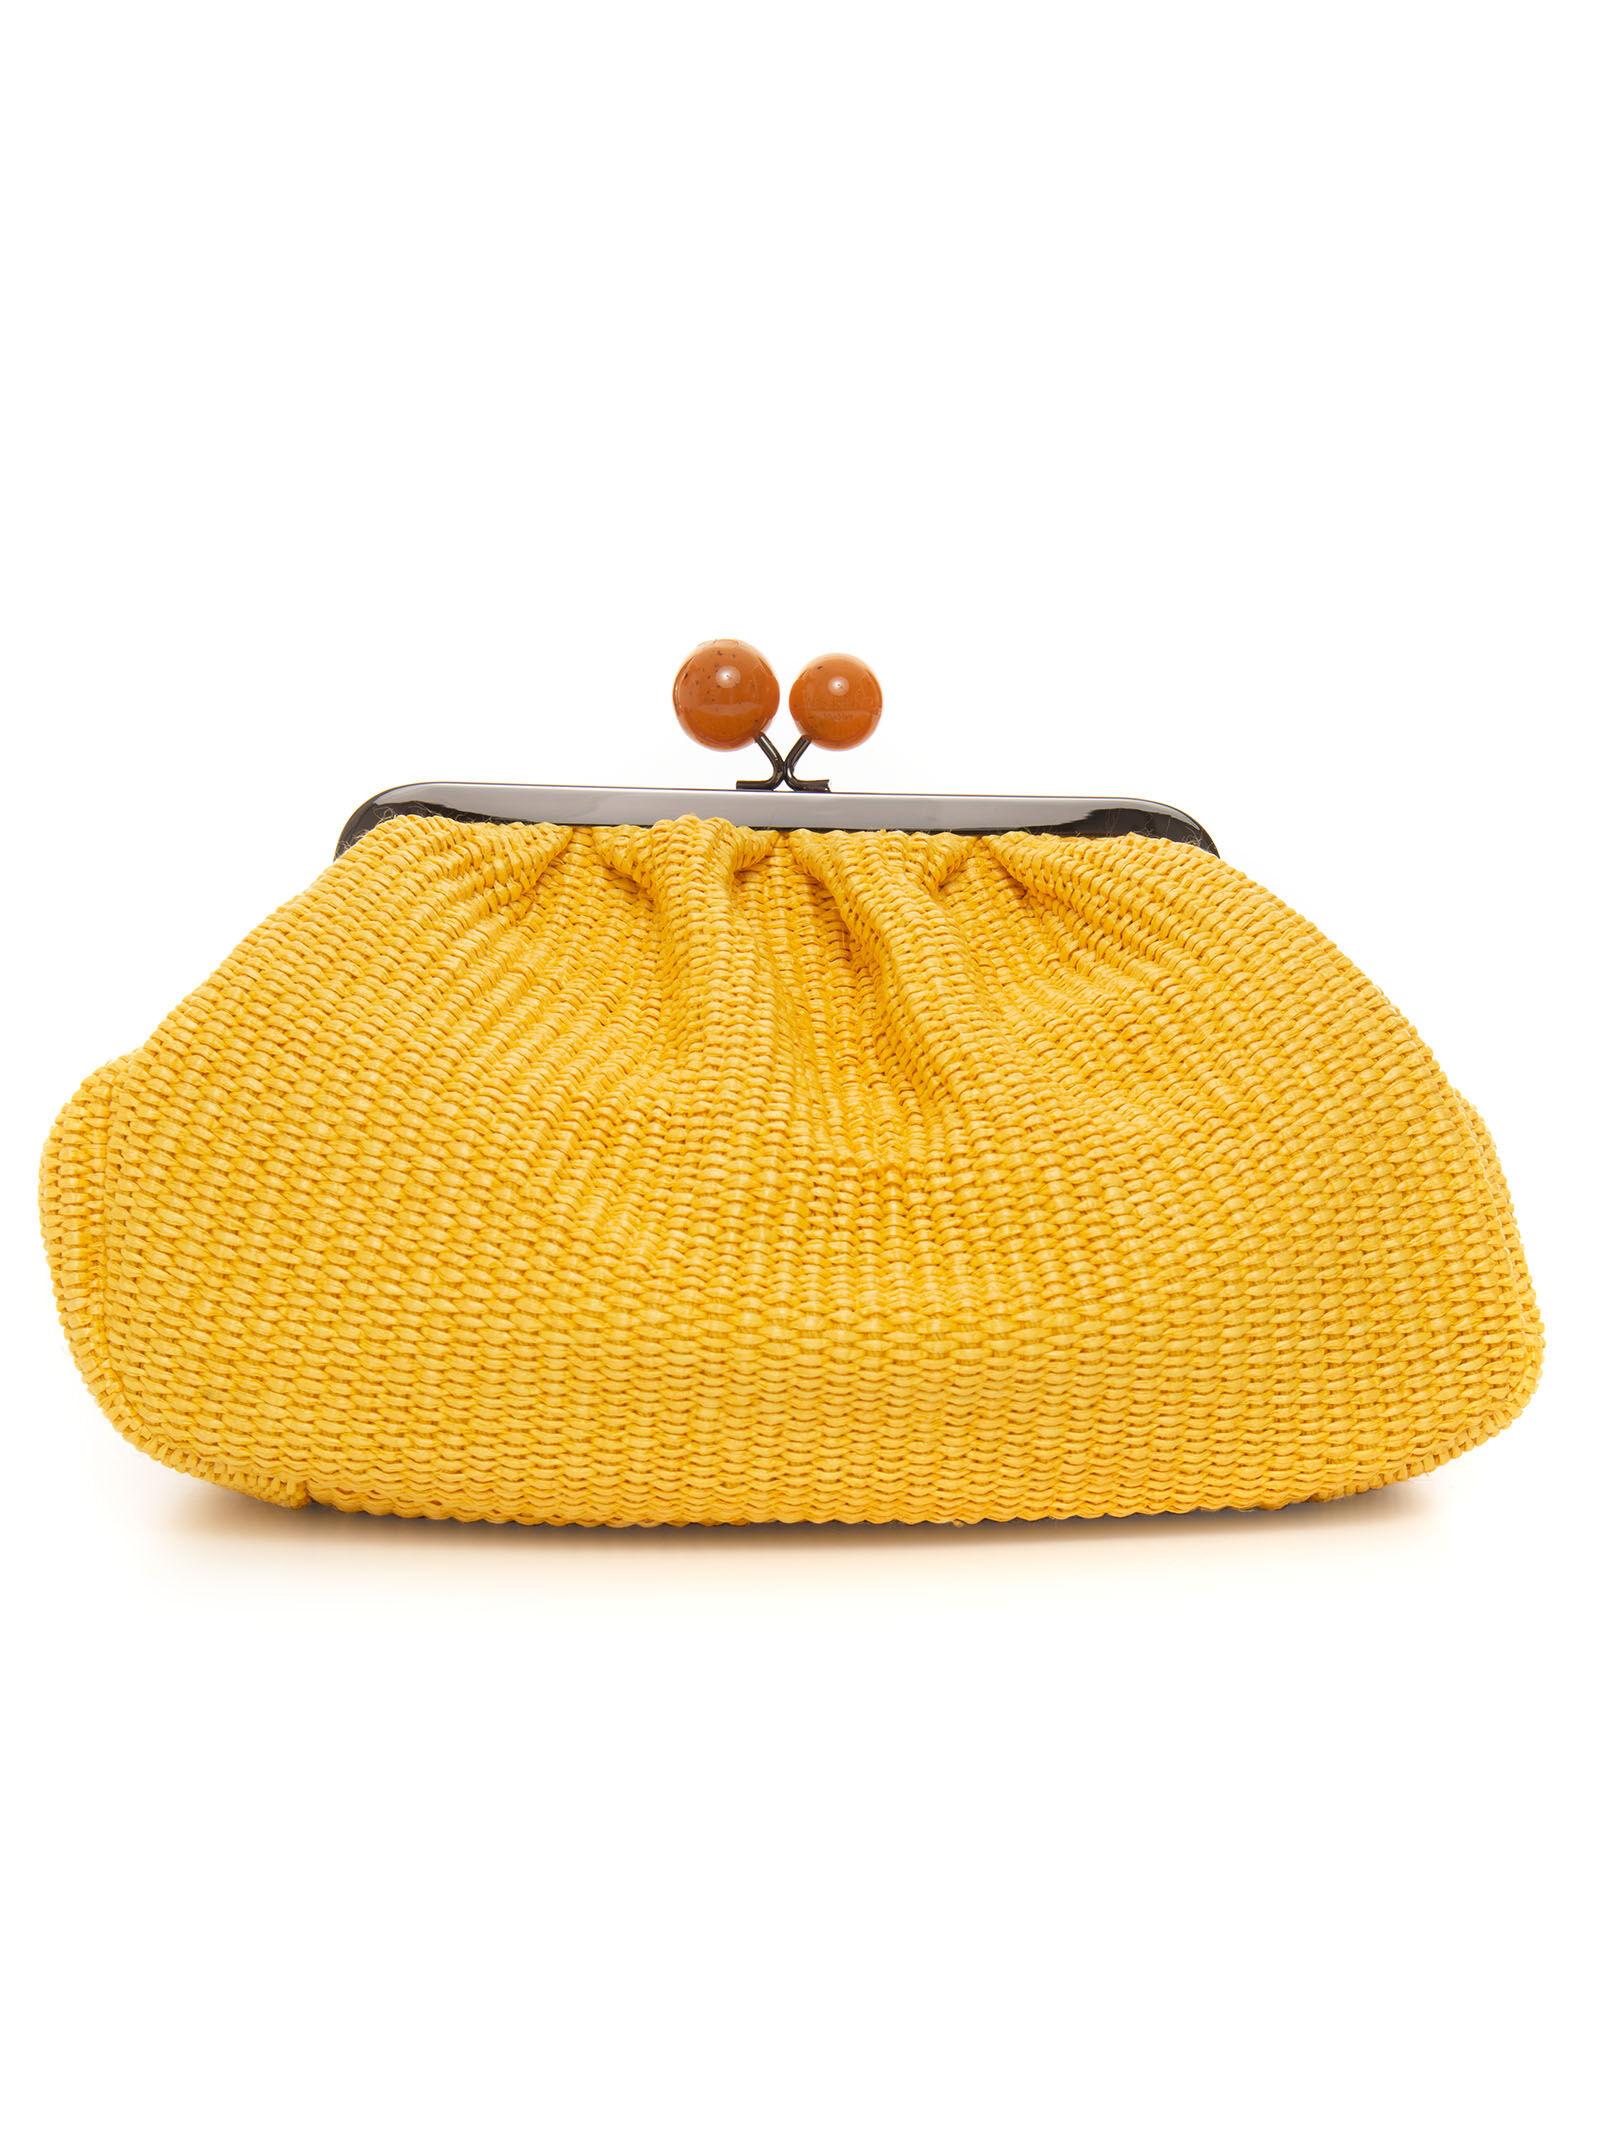 max mara weekend borsa in paglia livia giallo rafia donna